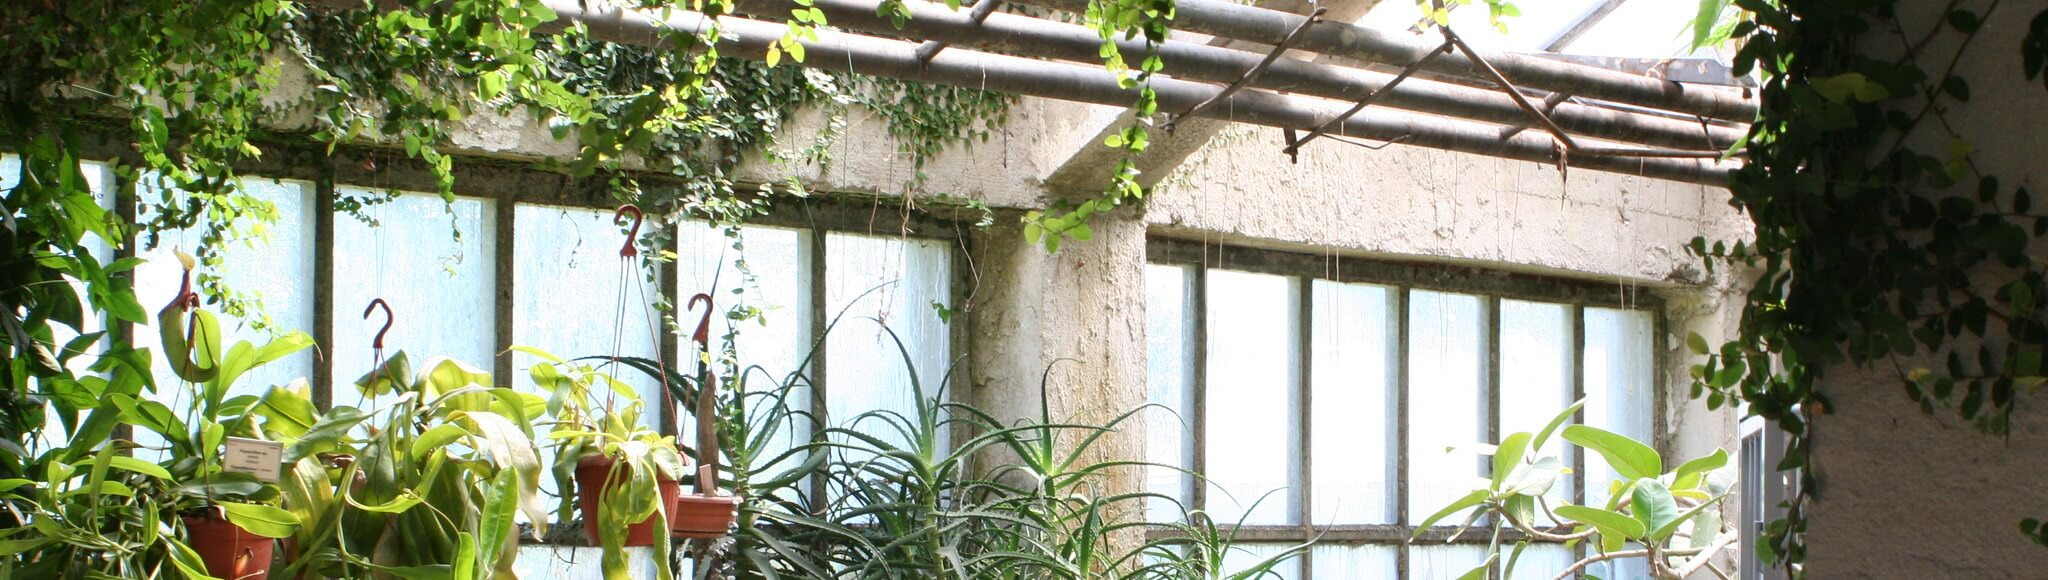 Ботанический сад Любляны